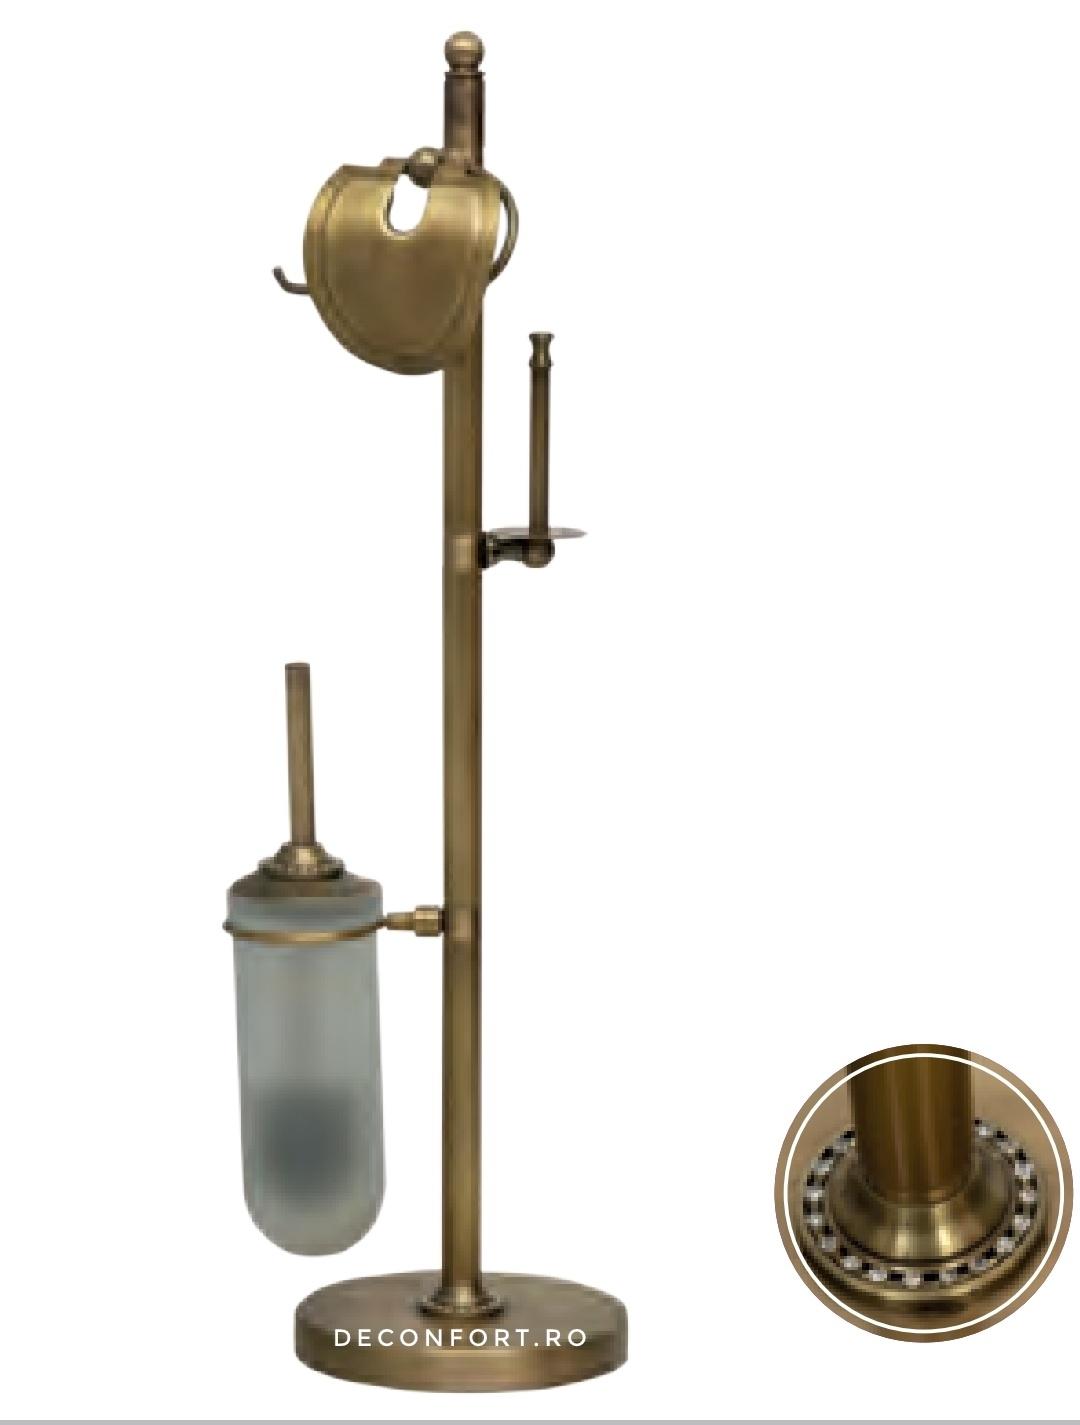 Suport hartie igienica bronz antichizat cu perie wc pahar sticla asezare pardoseala